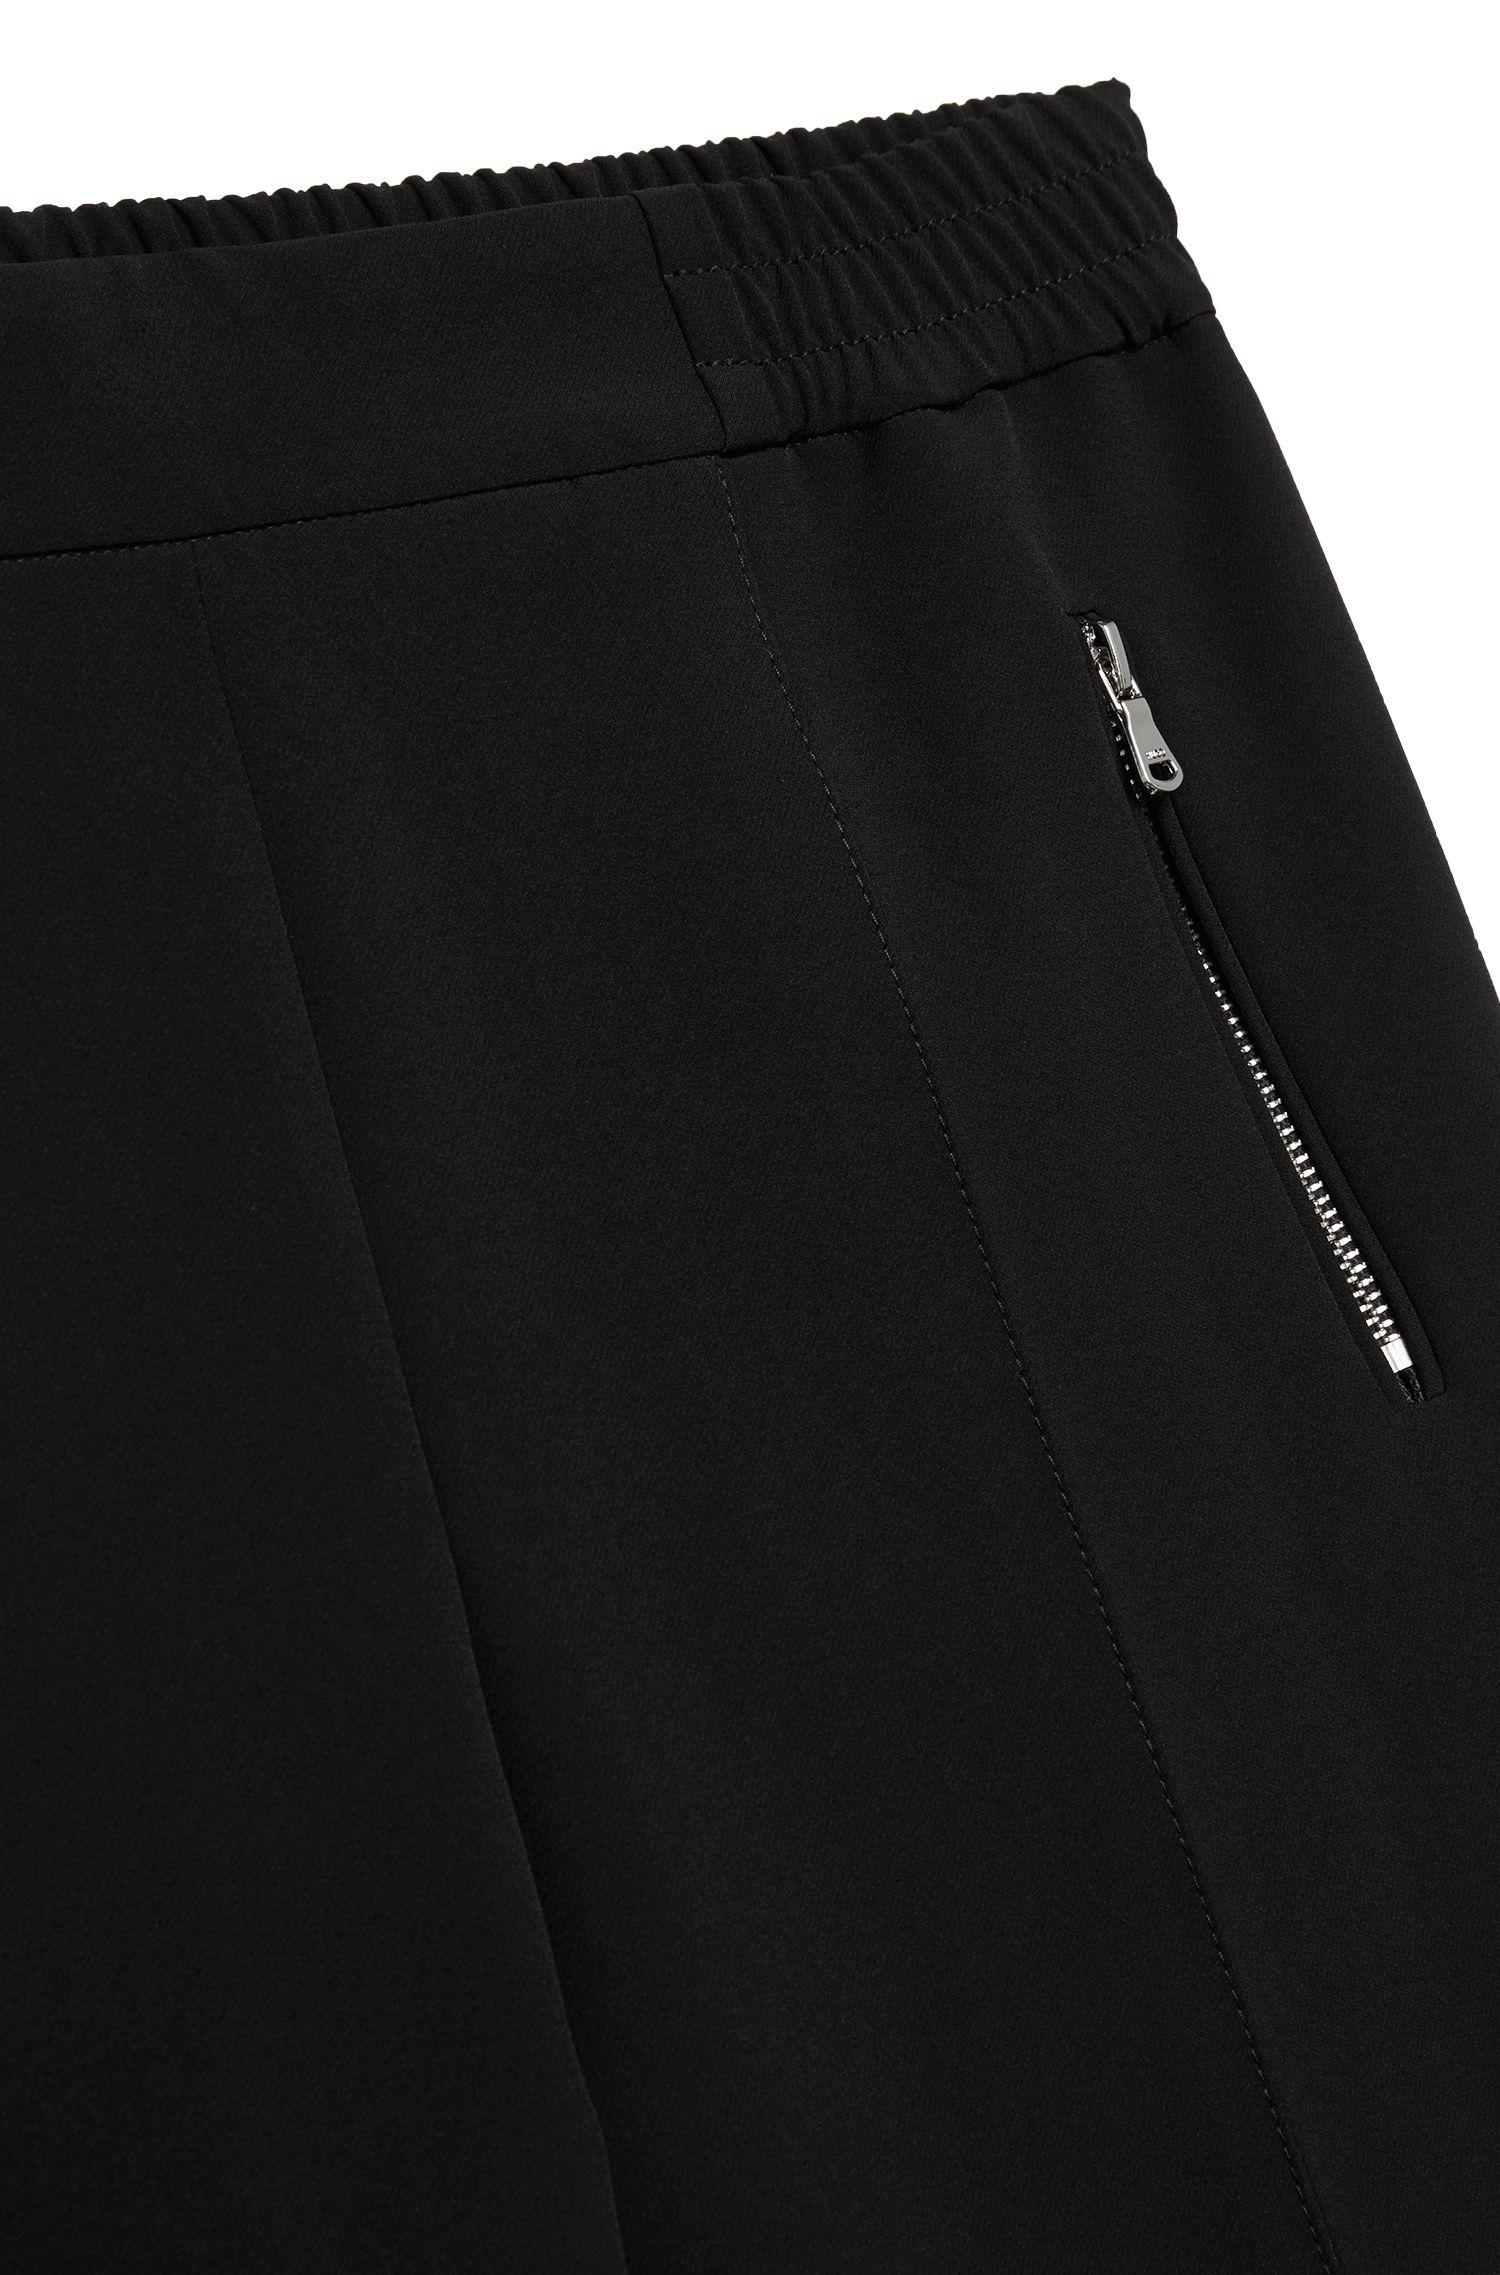 Hoch taillierte Hose mit Gummizugbund: 'Himoni'